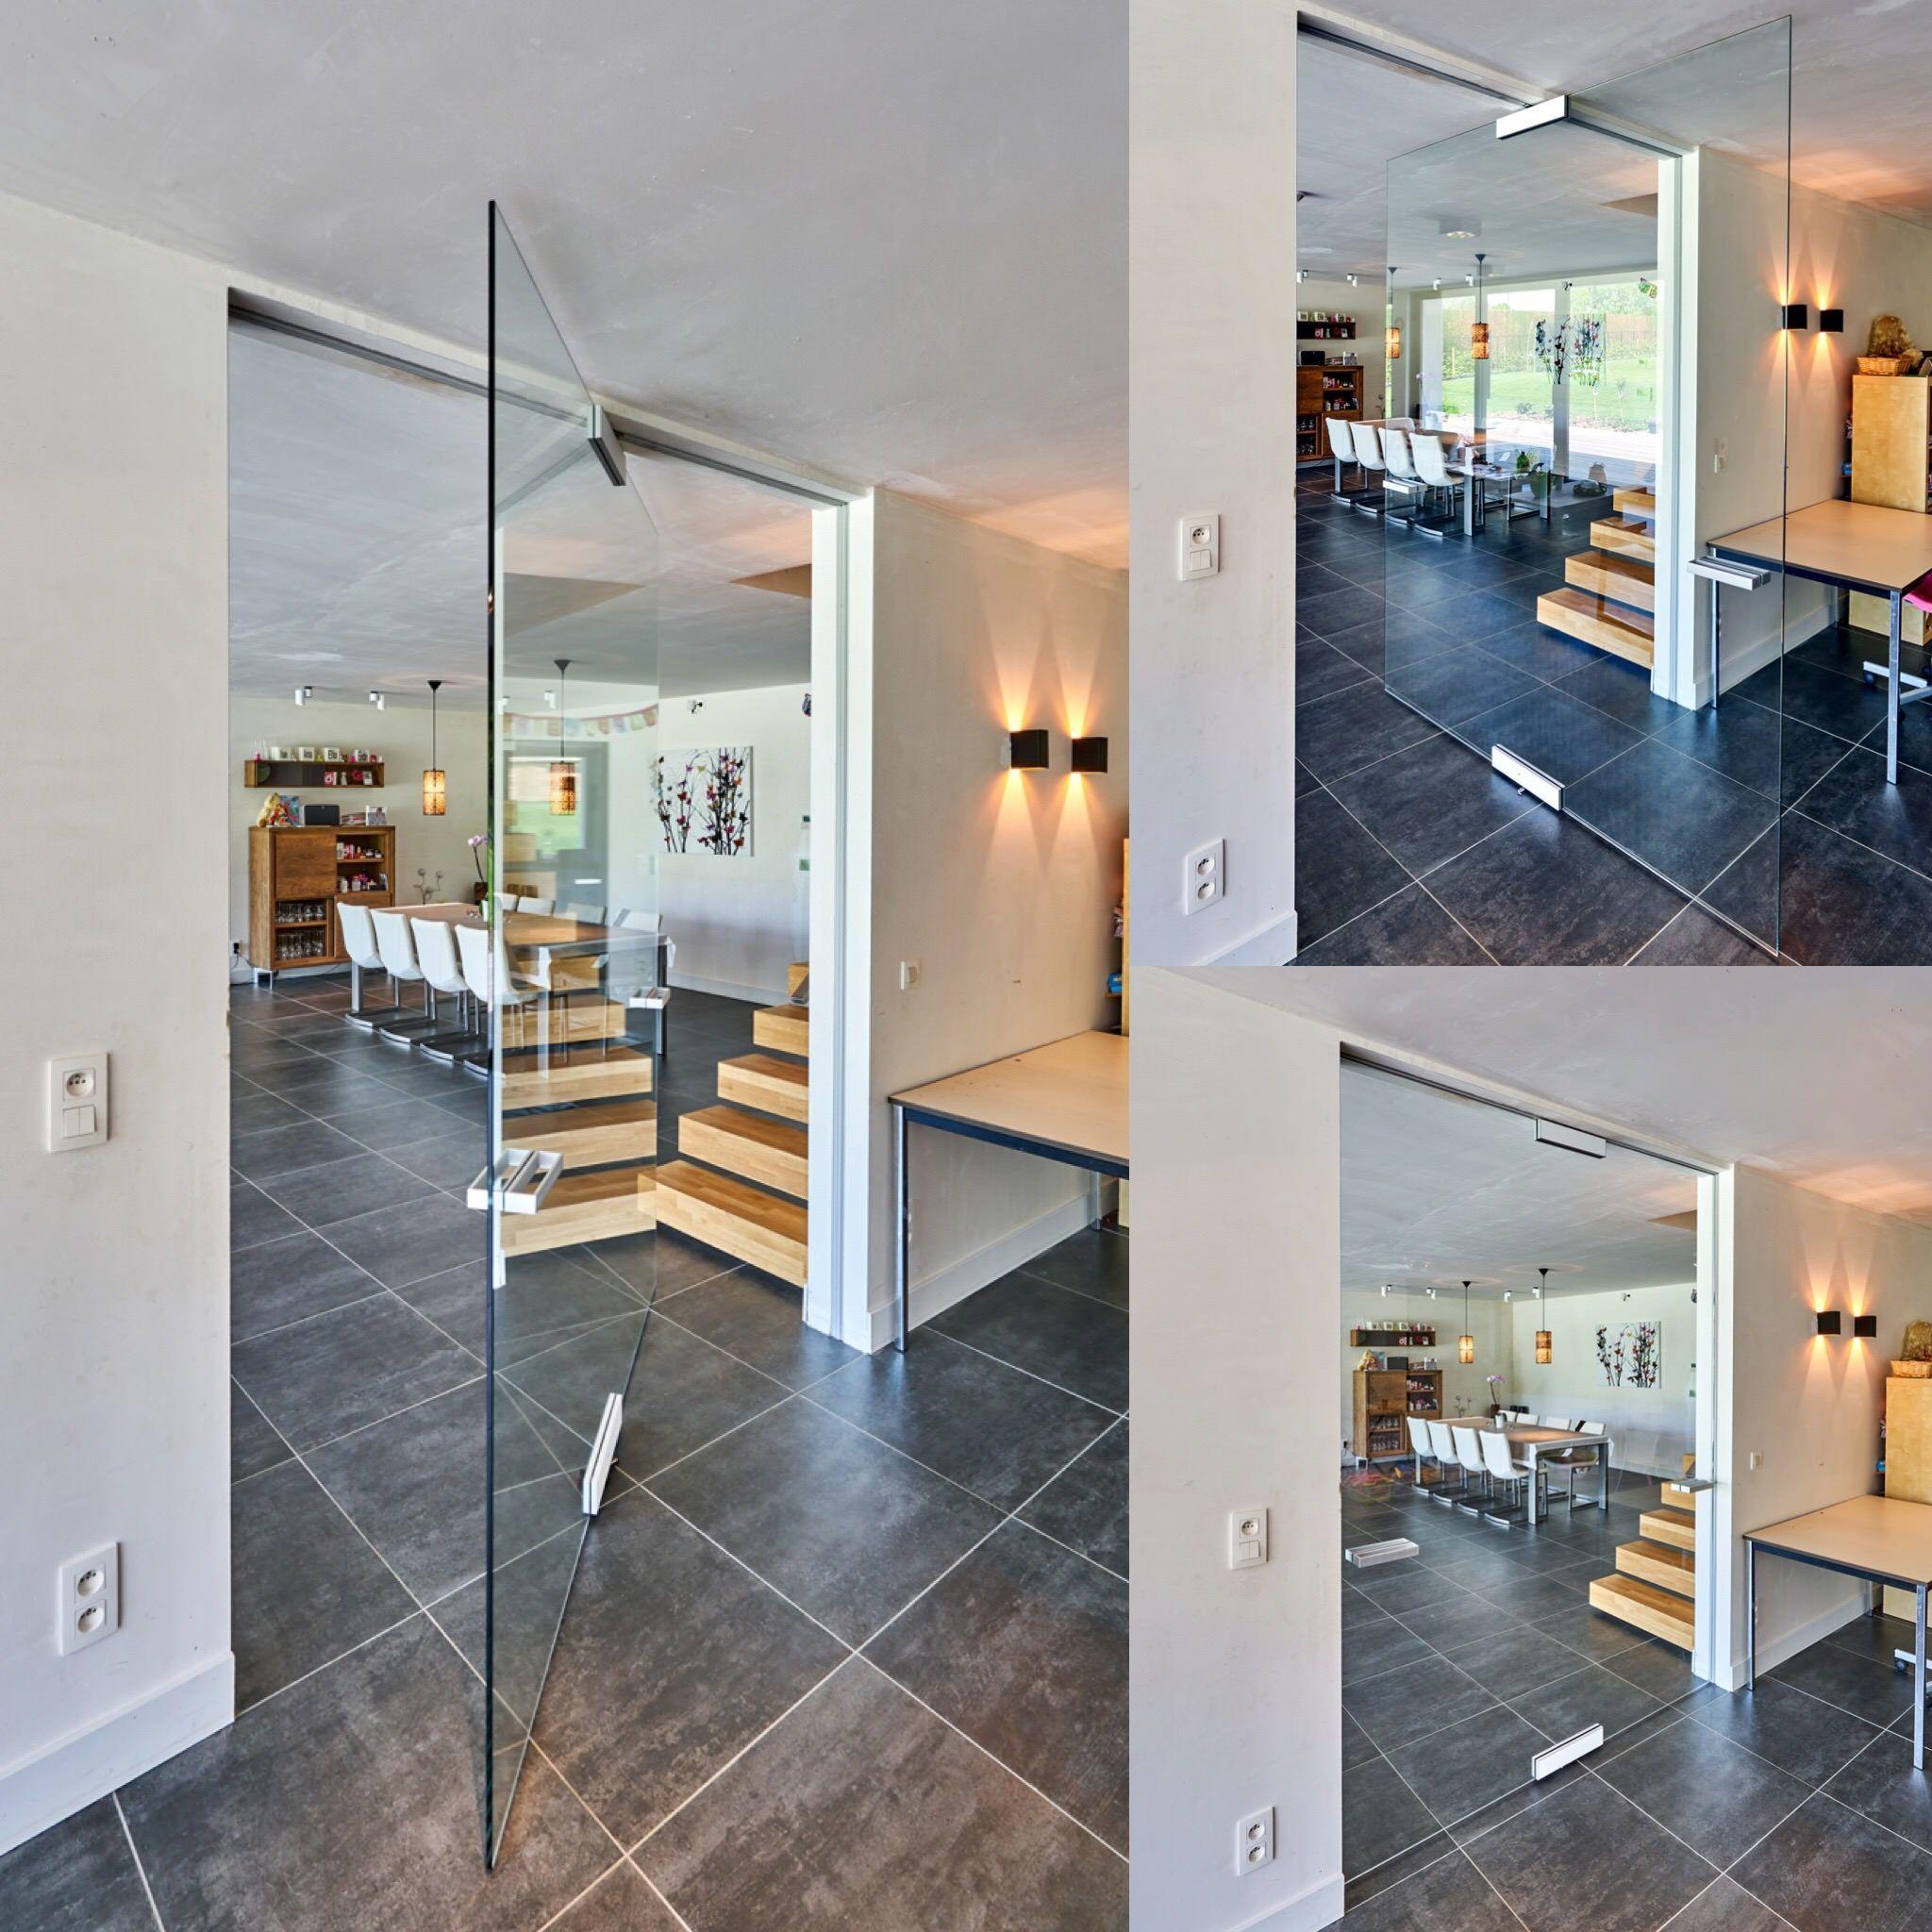 Porte Vitrée Sur Pivot Central Idées Pour La Maison Pinterest - Porte vitrée sur pivot